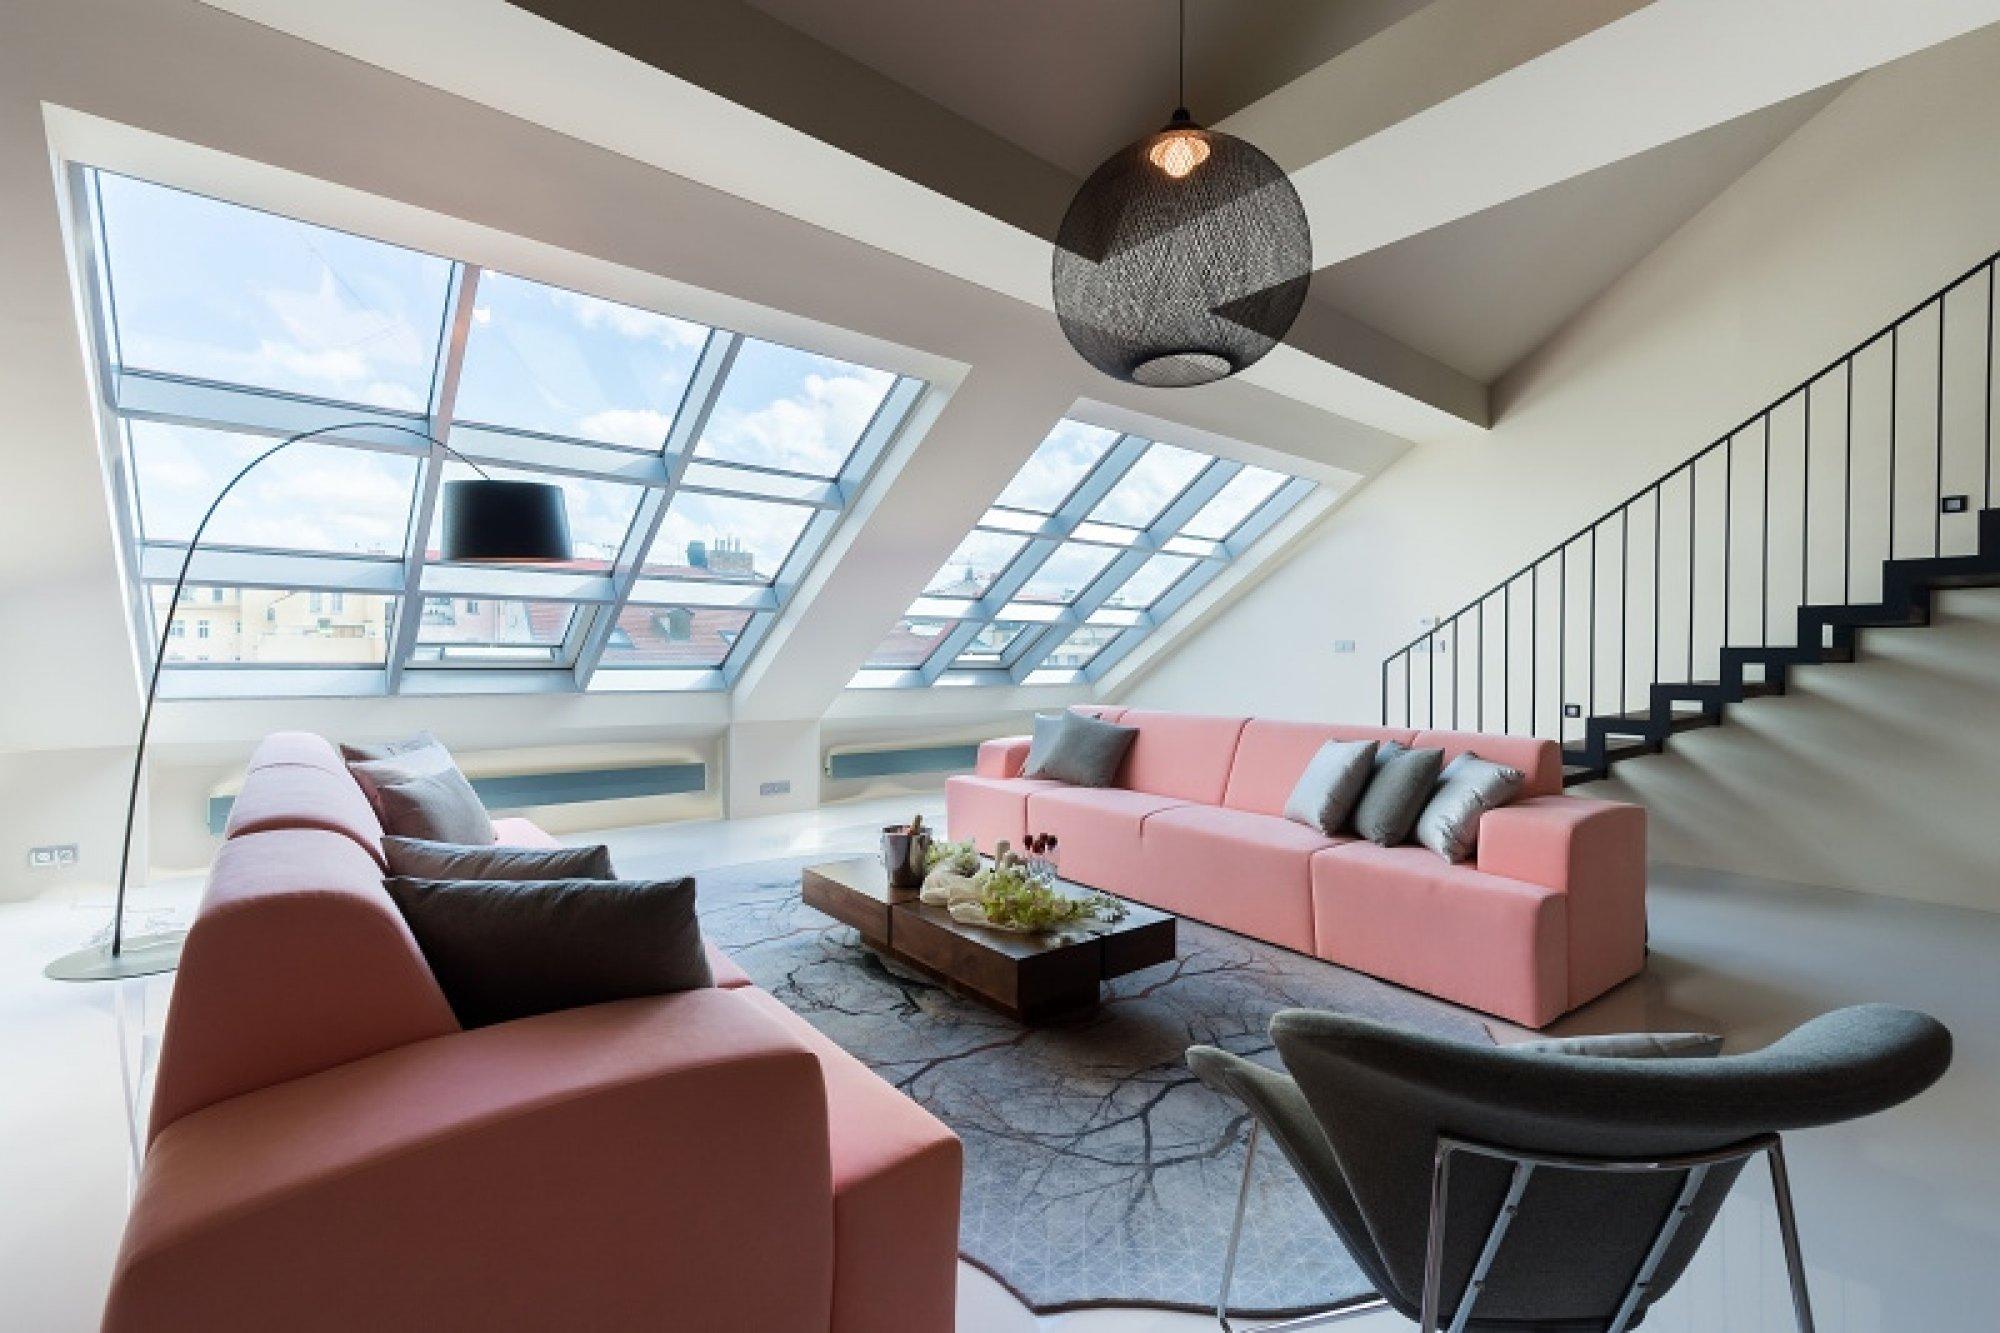 Půdní byt 5+kk, plocha 261 m², ulice Jindřišská, Praha 1 - Nové Město | 1